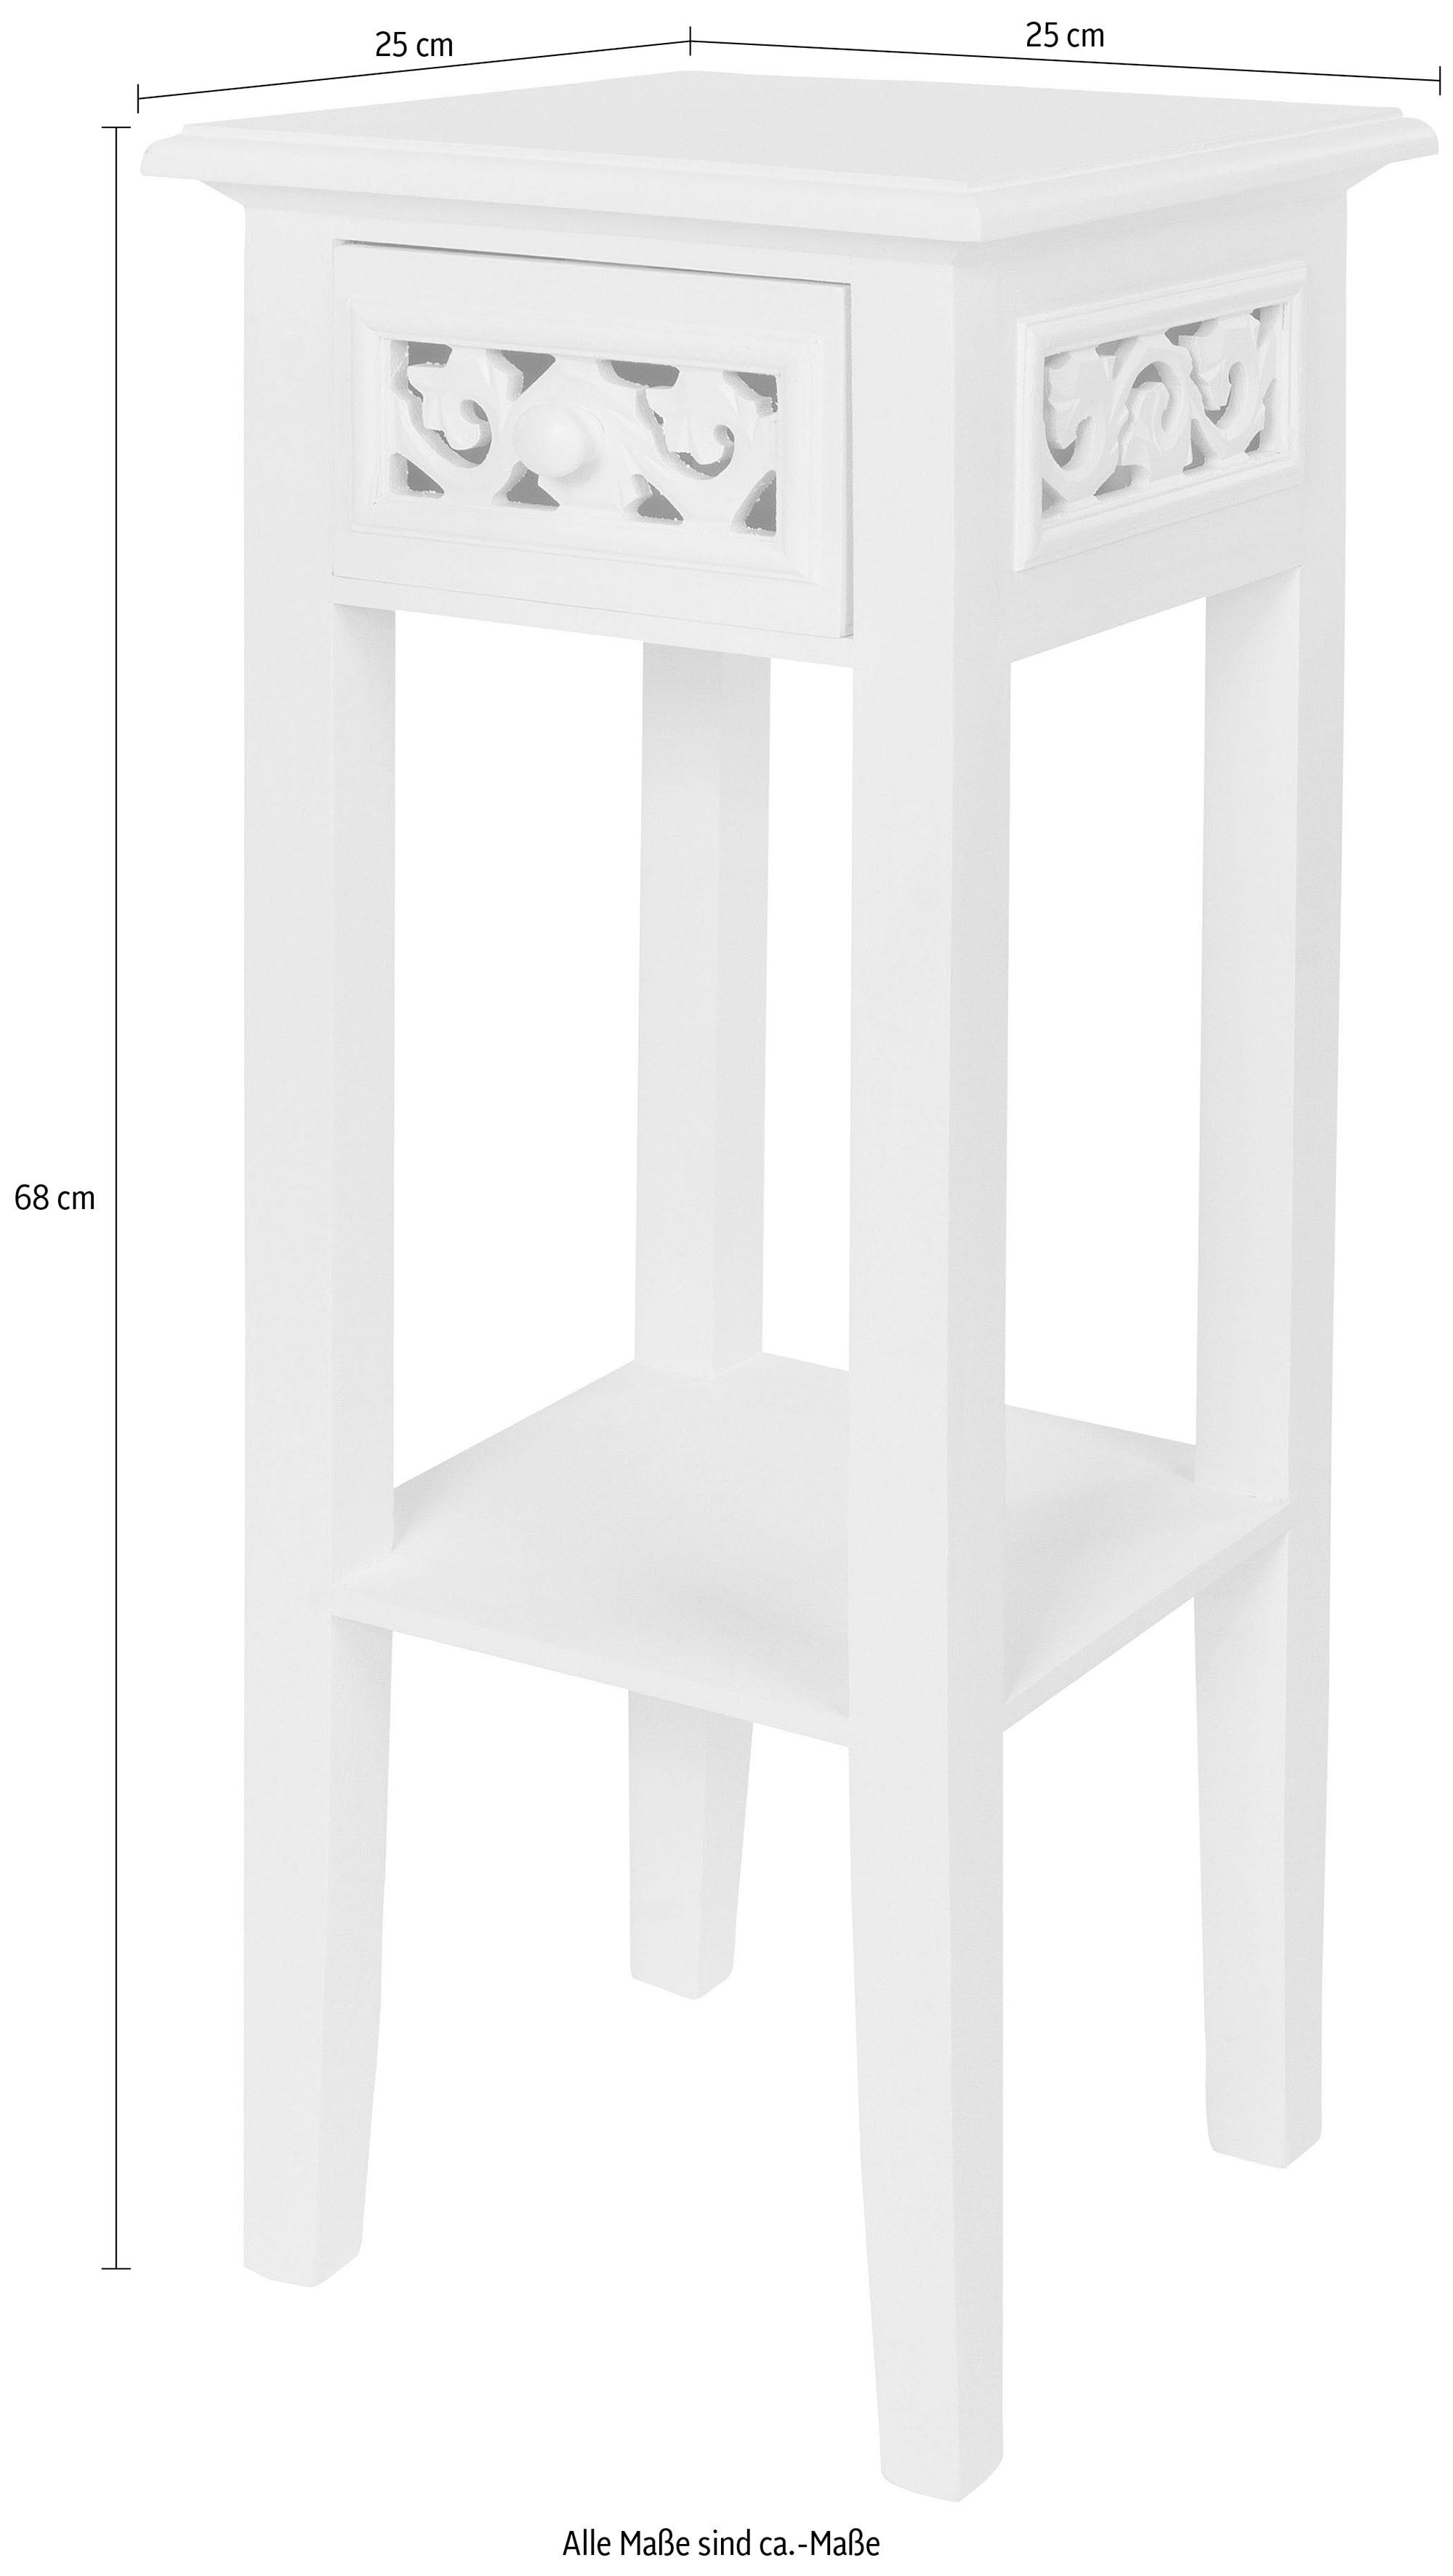 Beistelltisch Romantic, Beistelltisch, weiß, Landhausstil, mit Schublade weiß Beistelltische Tische